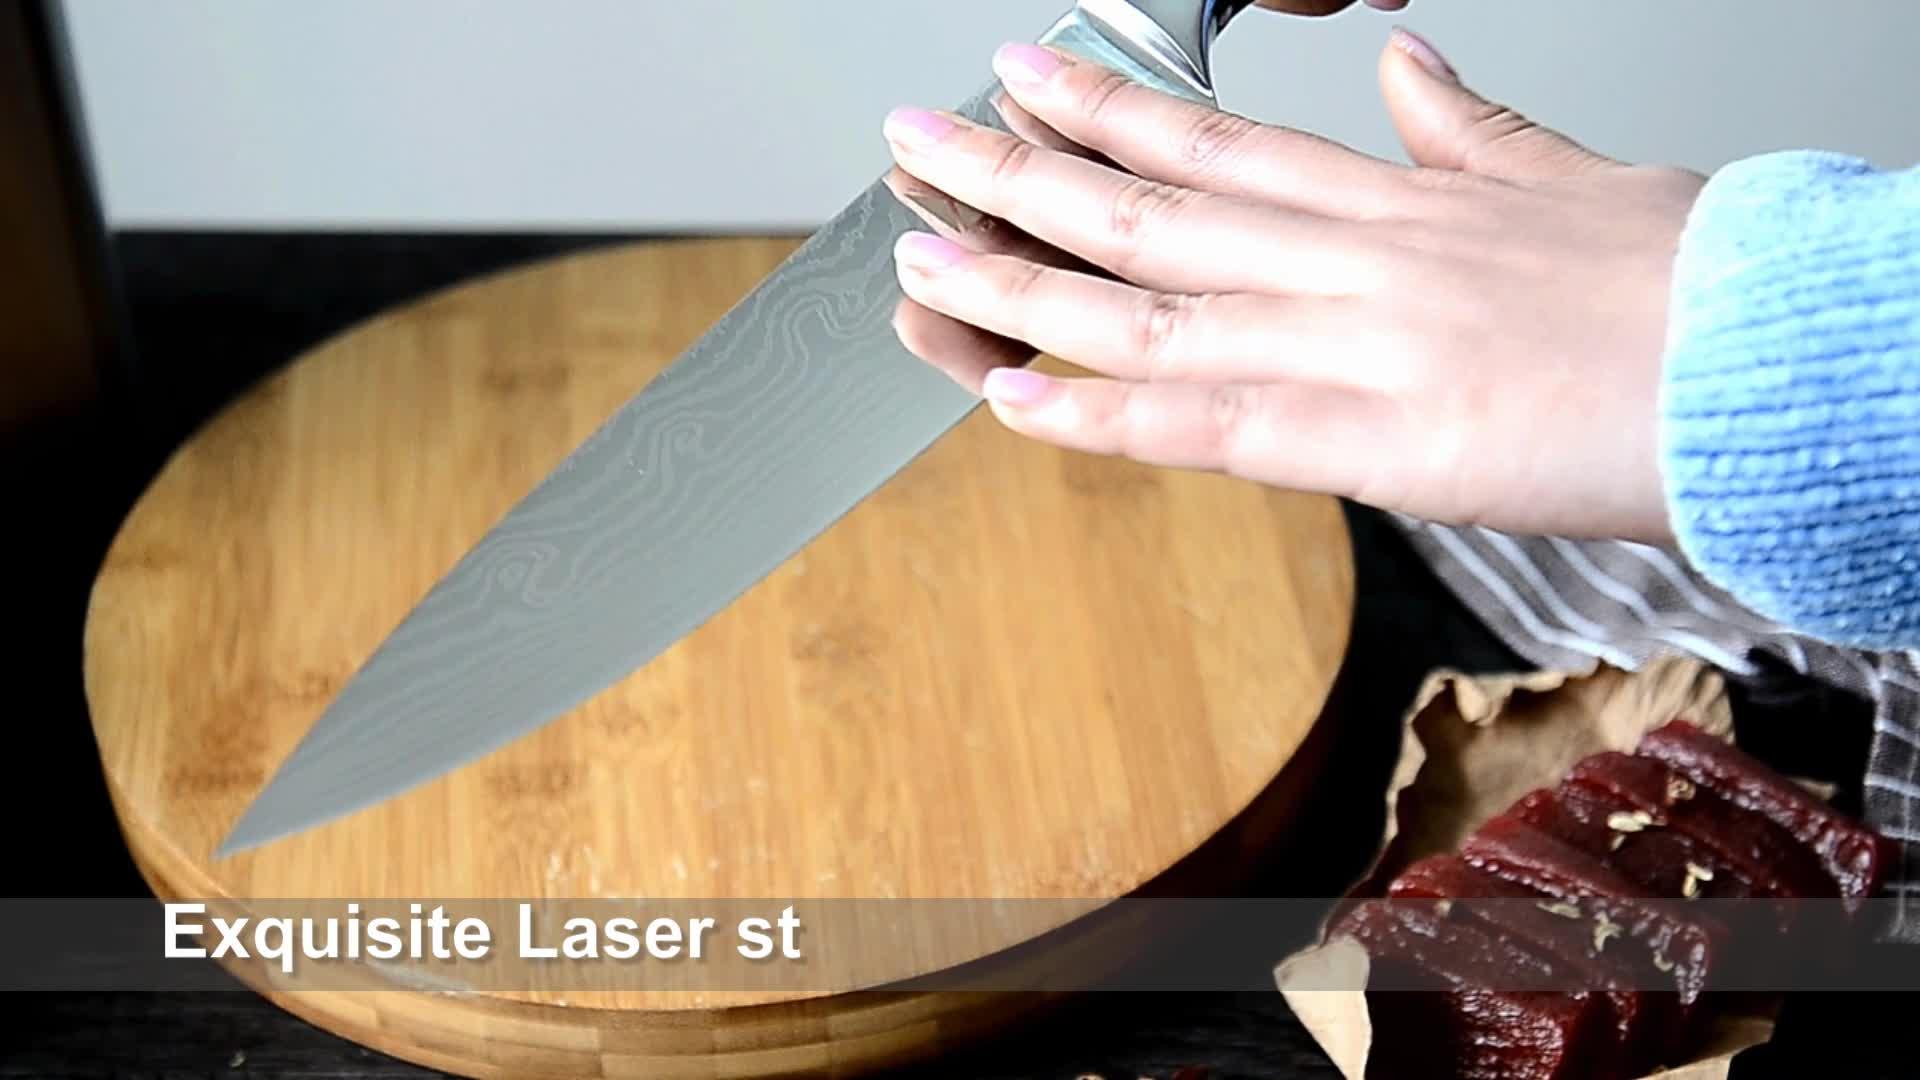 XYj juego desde 1986 alta calidad 7 pulgadas cuchillo santoku 7Cr17mov de acero inoxidable japonés cuchillo de cocina